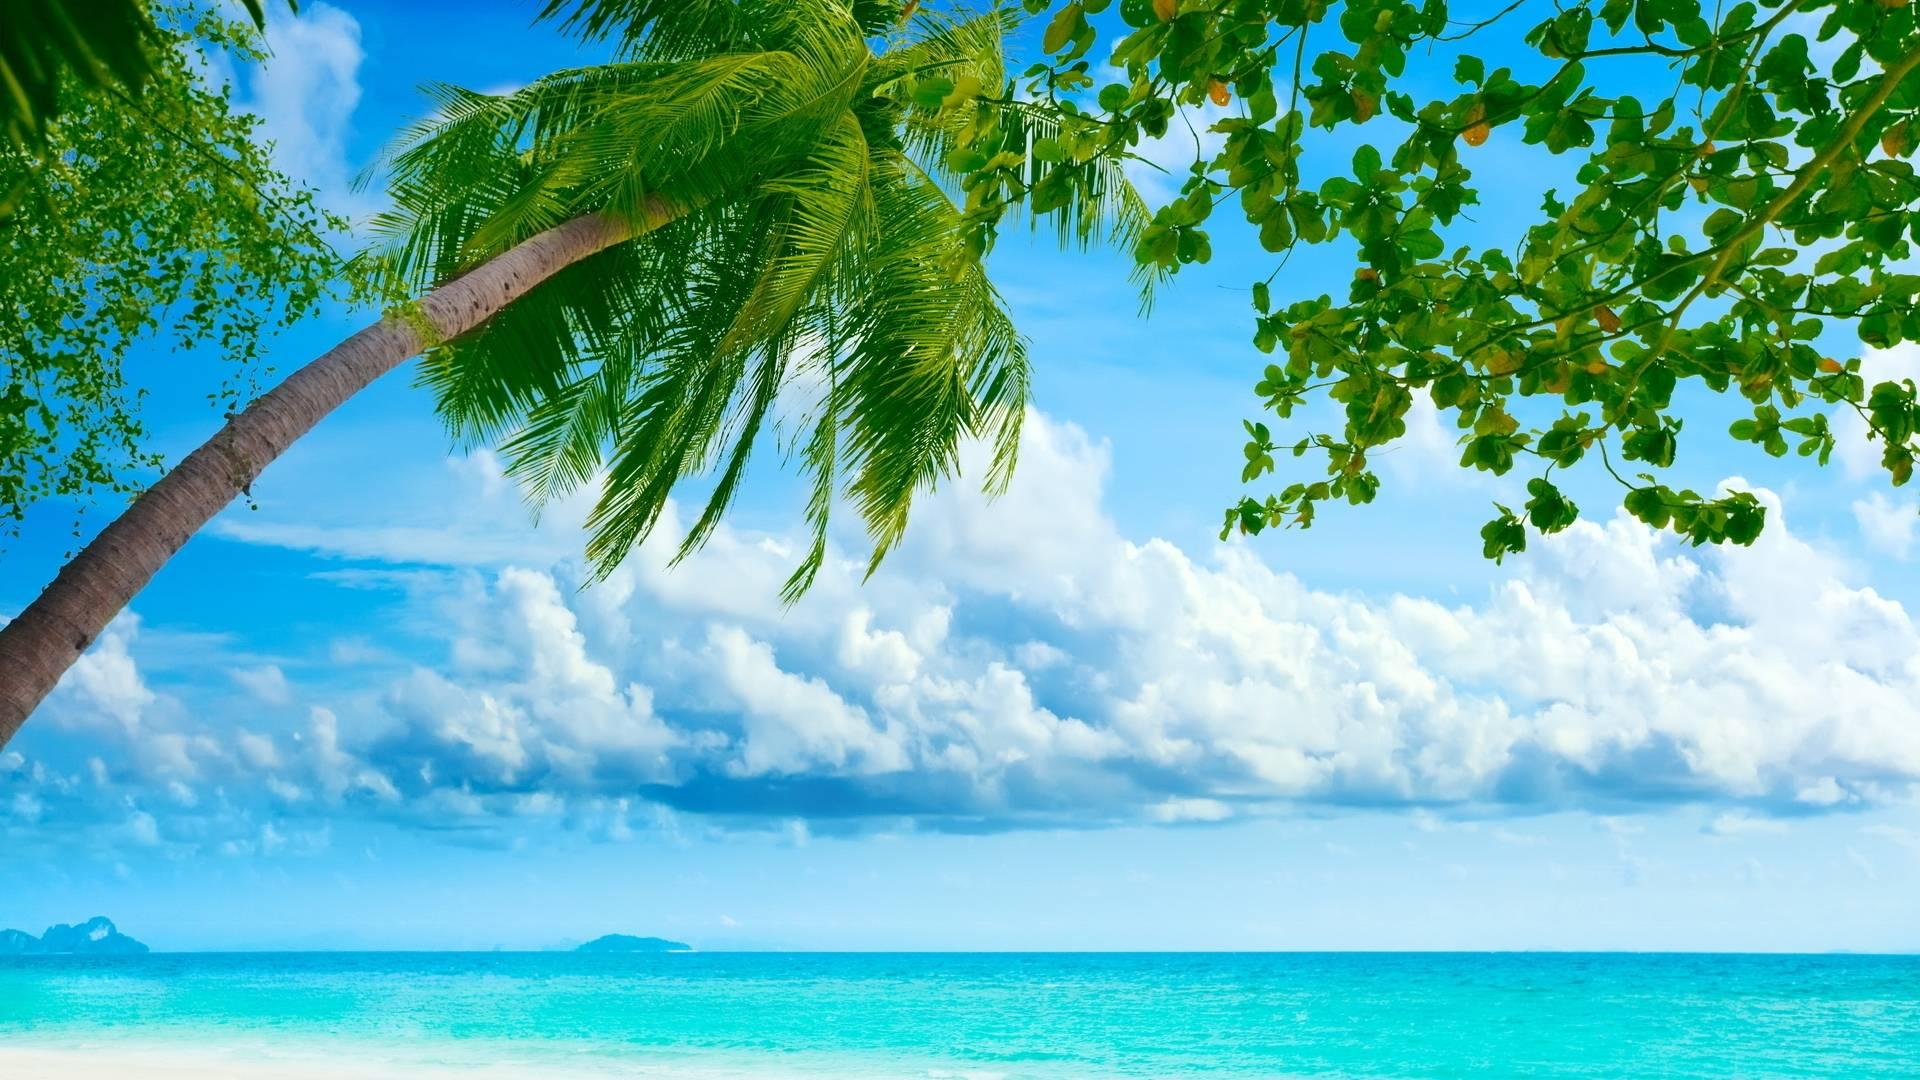 Summer Day Wallpaper Desktop Hd Cool 7 HD Wallpapers